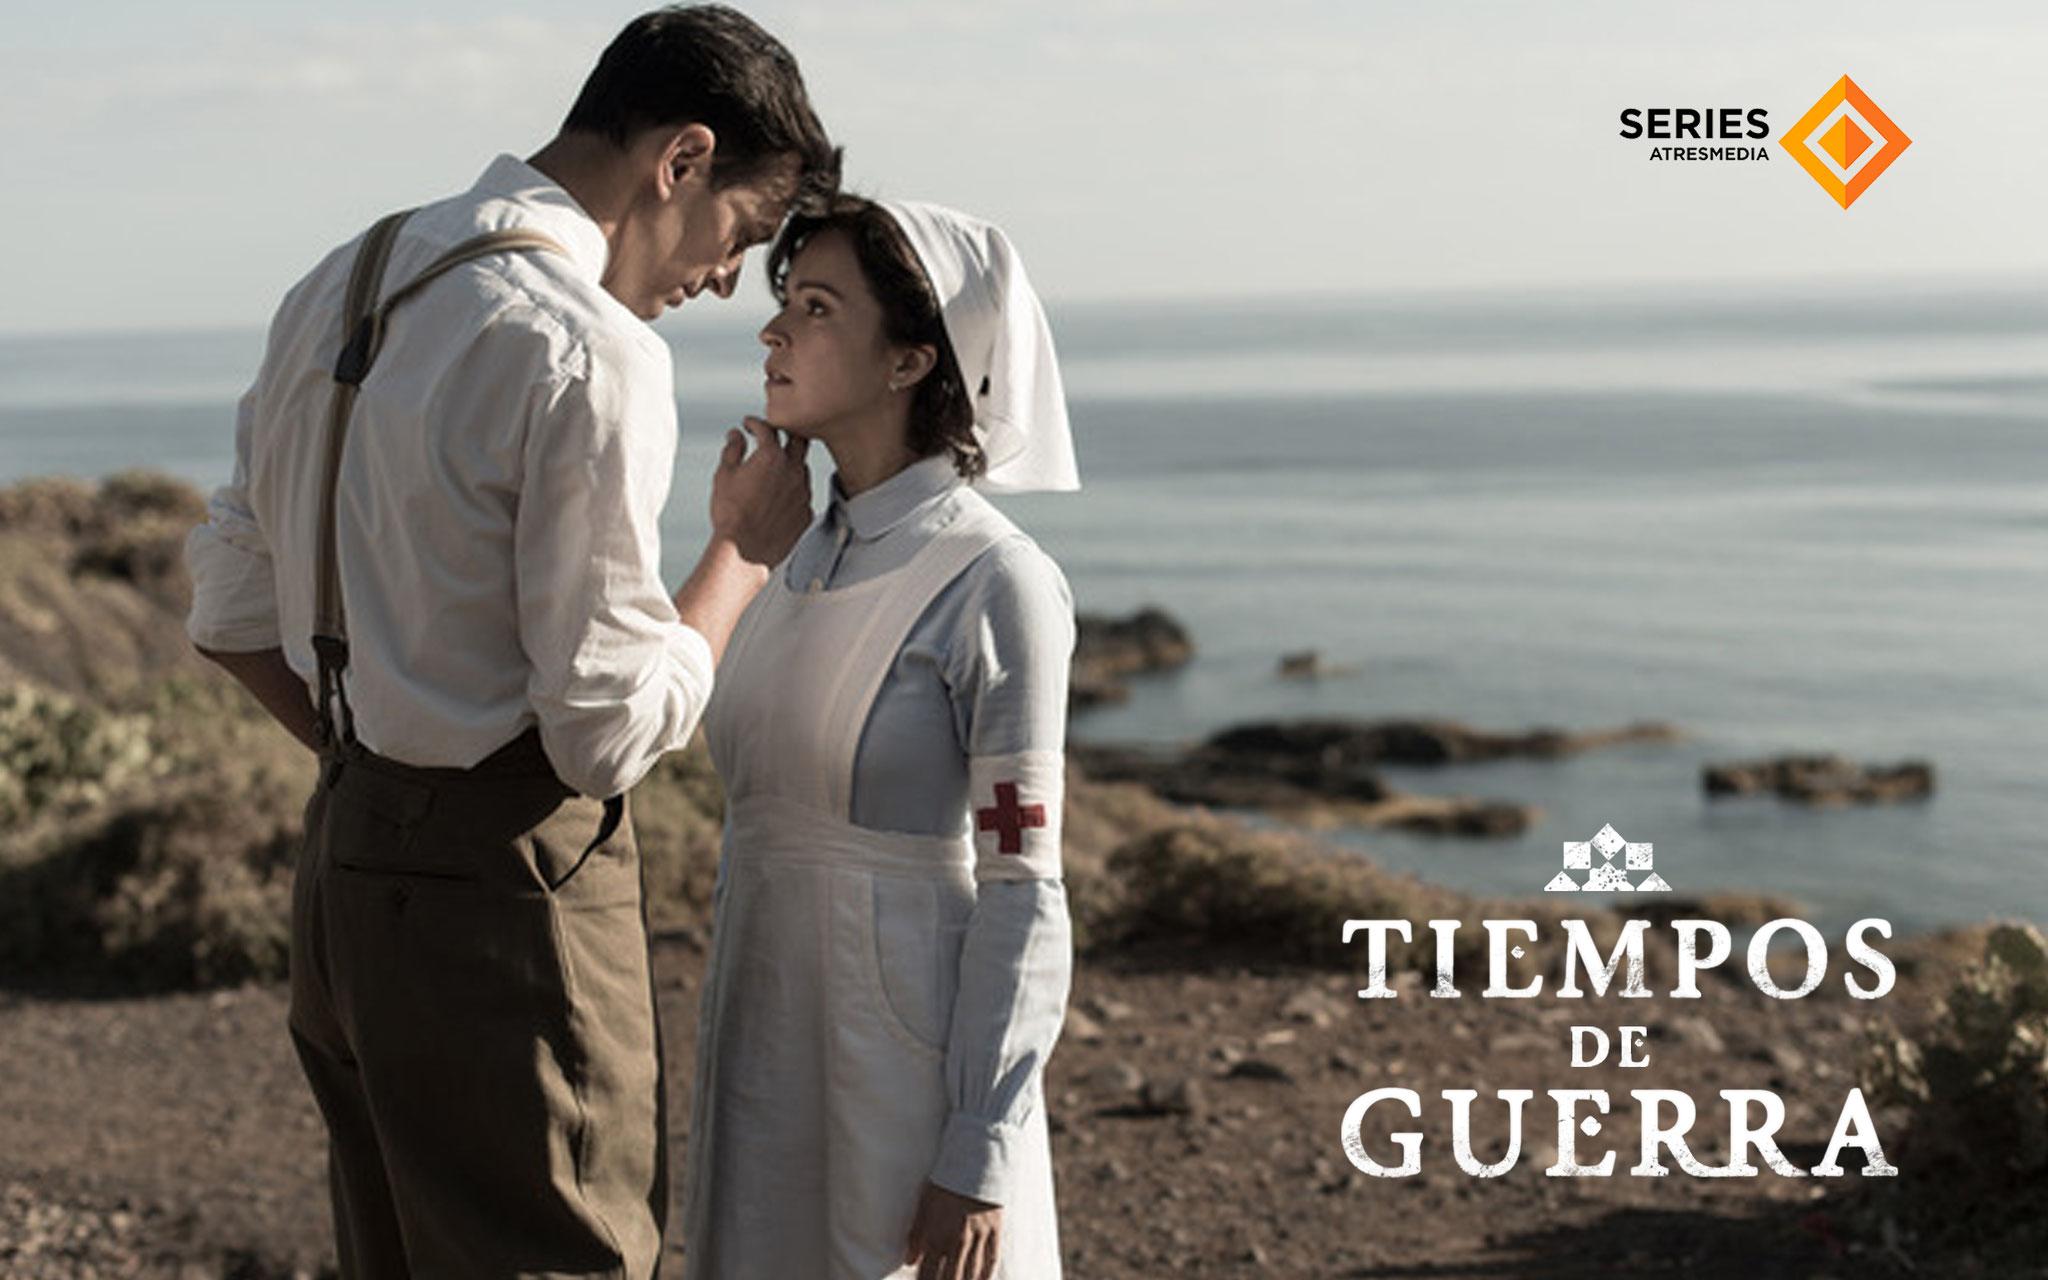 TIEMPOS DE GUERRA